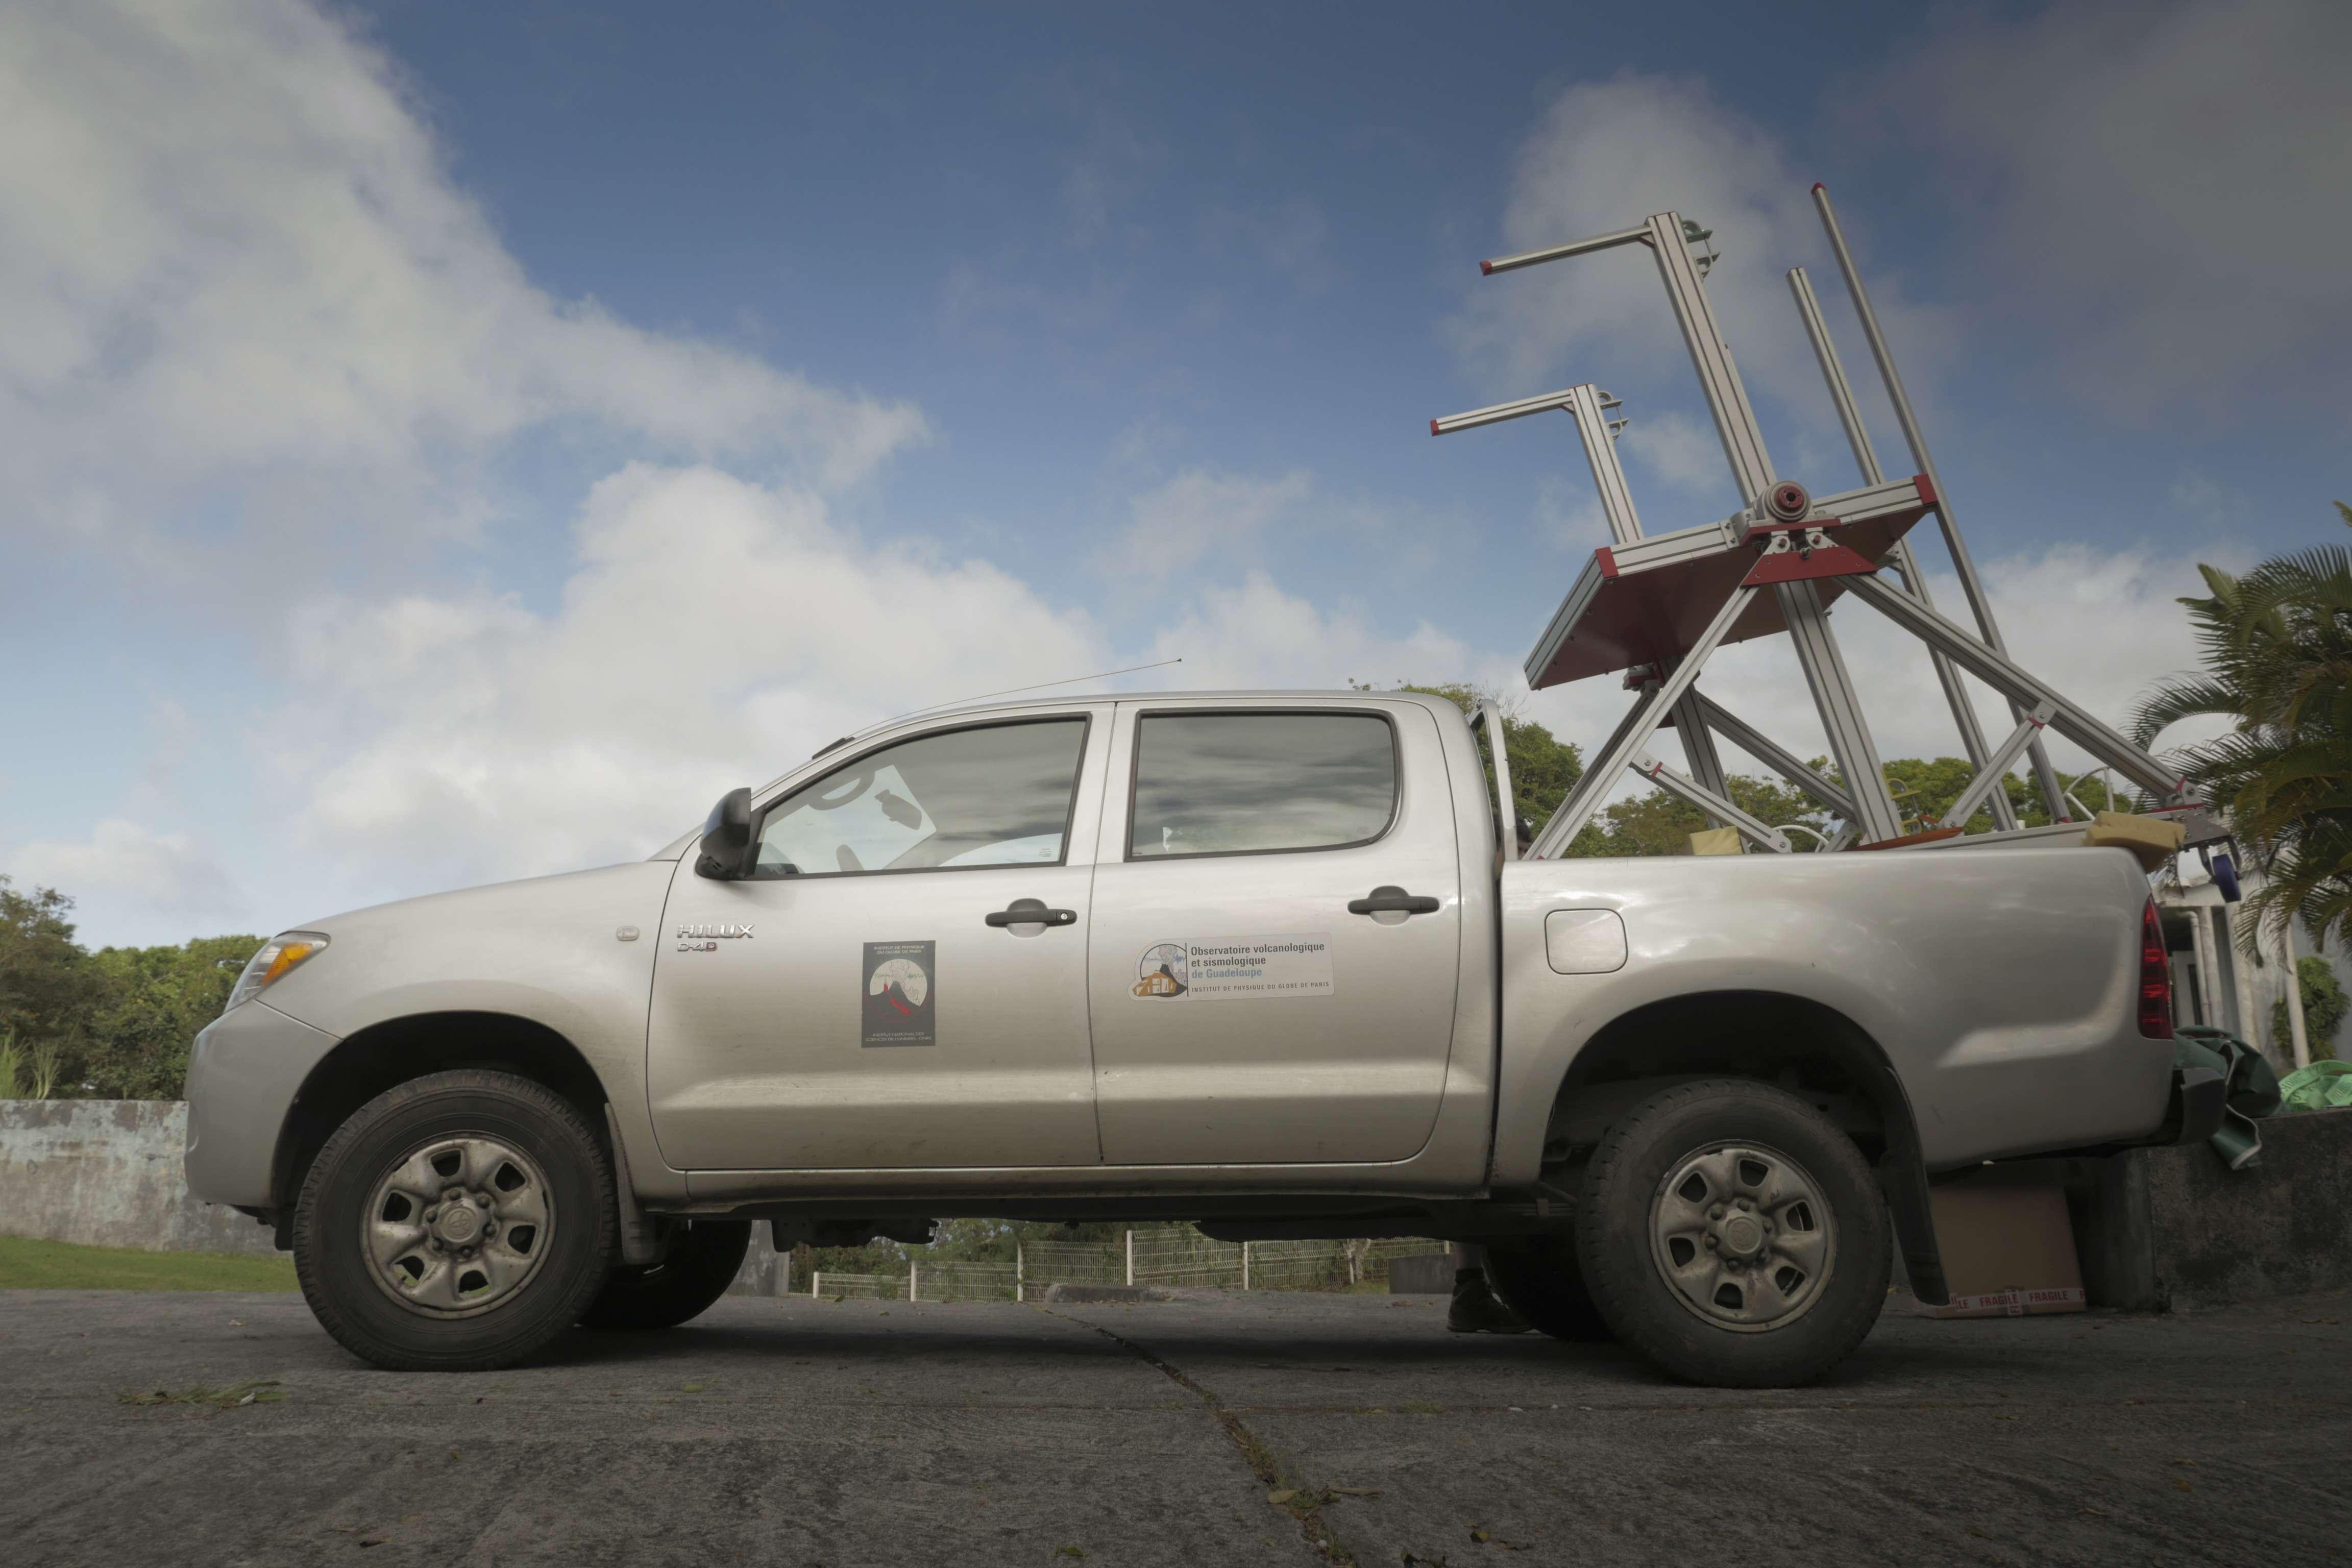 Pré-assemblé à l'observatoire, l'un des 3 télescopes est acheminé sur site sur les routes étroites de Basse-Terre